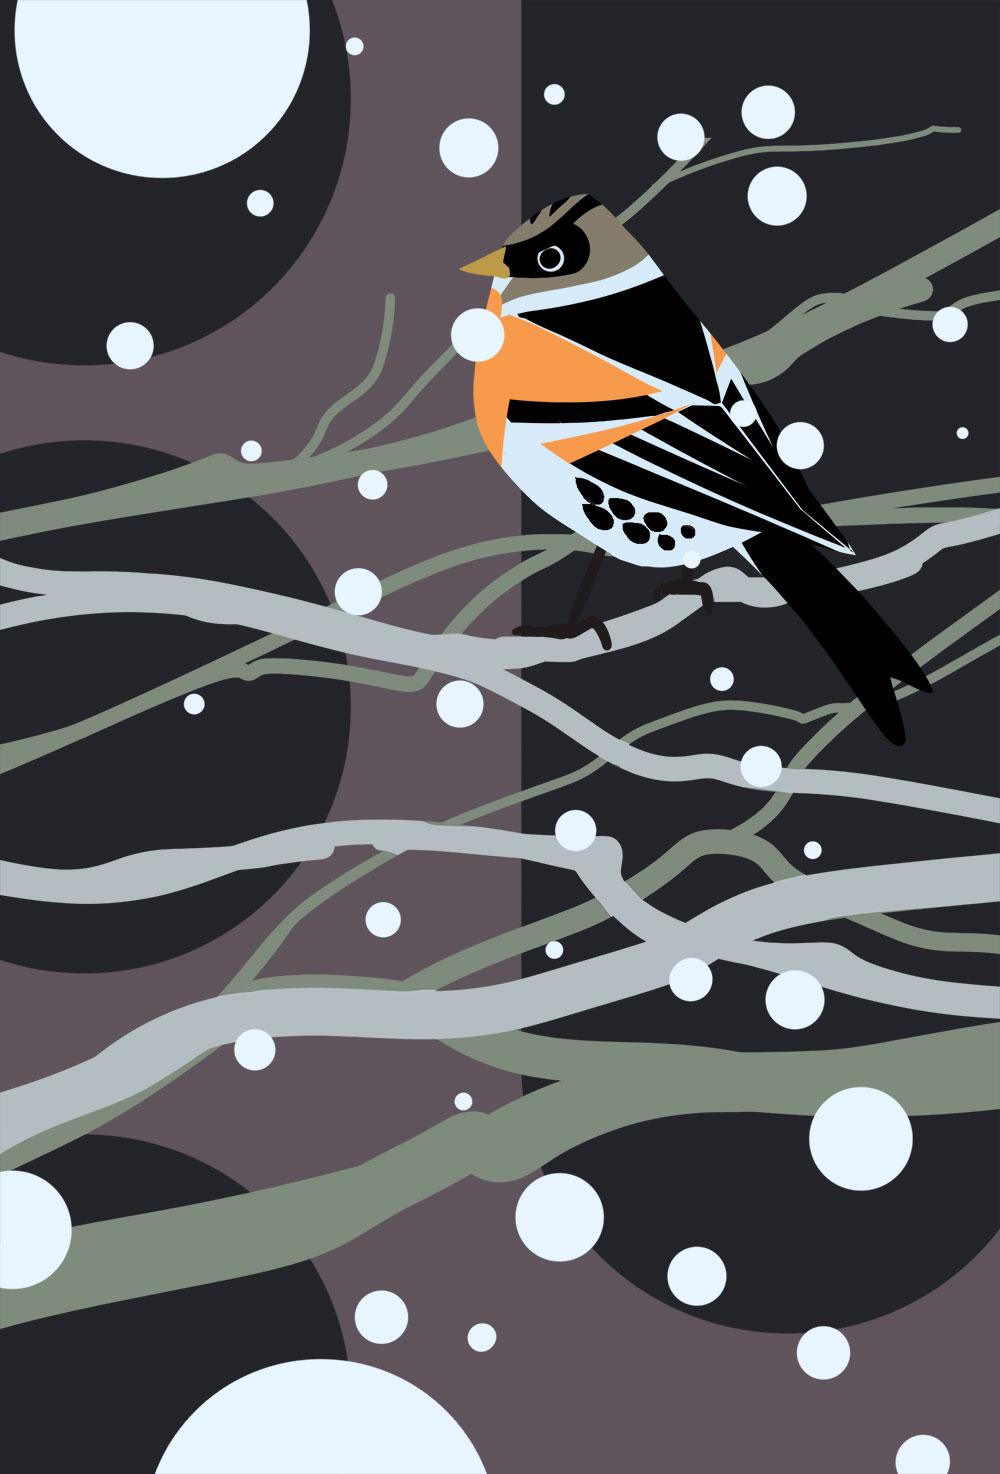 Leicht abstrakte, grafische Darstellung eines Bergfink